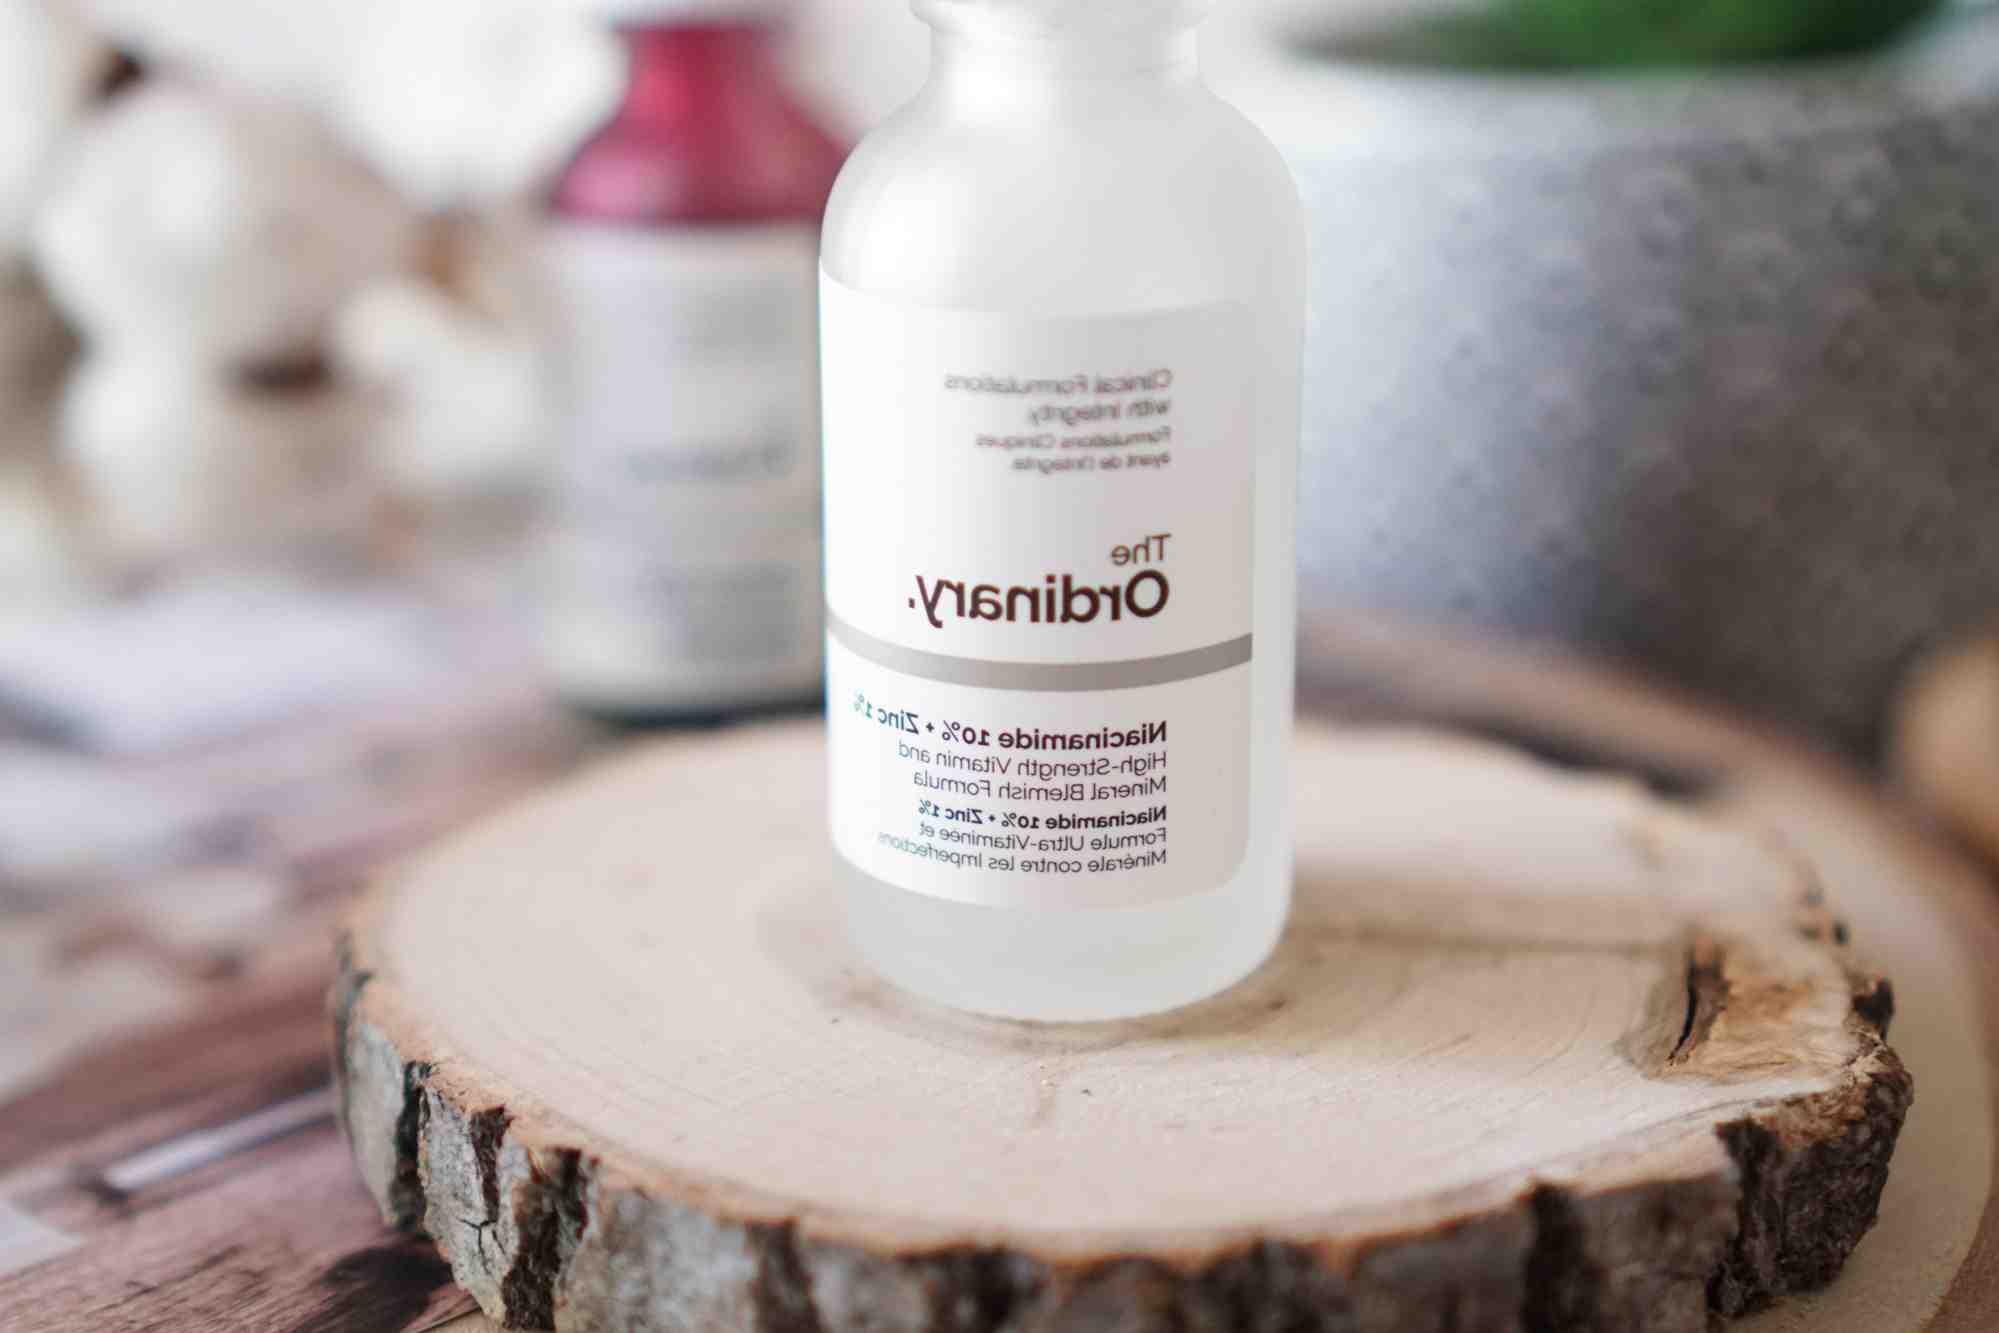 Comment utiliser niacinamide 10 zinc 1 ?